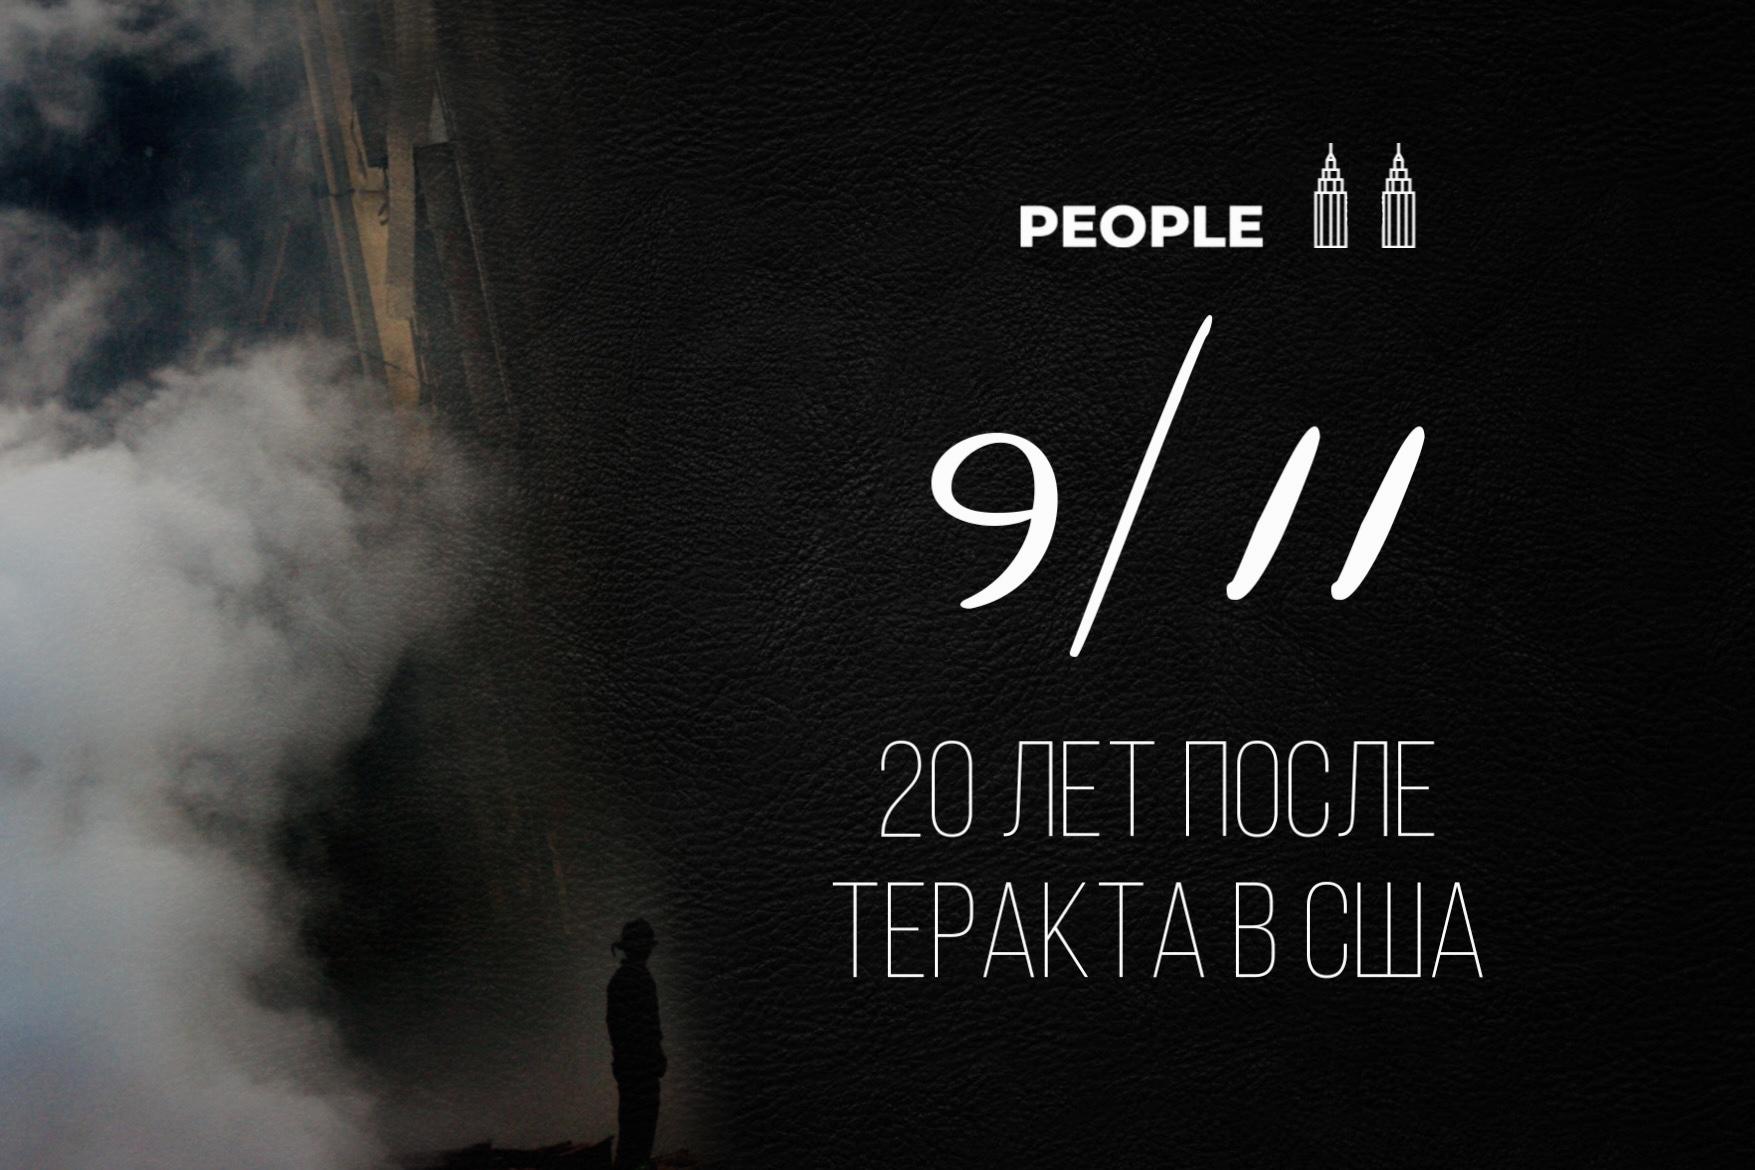 День, навсегда изменивший мир: история о двух узбекистанцах, погибших при теракте «9/11»